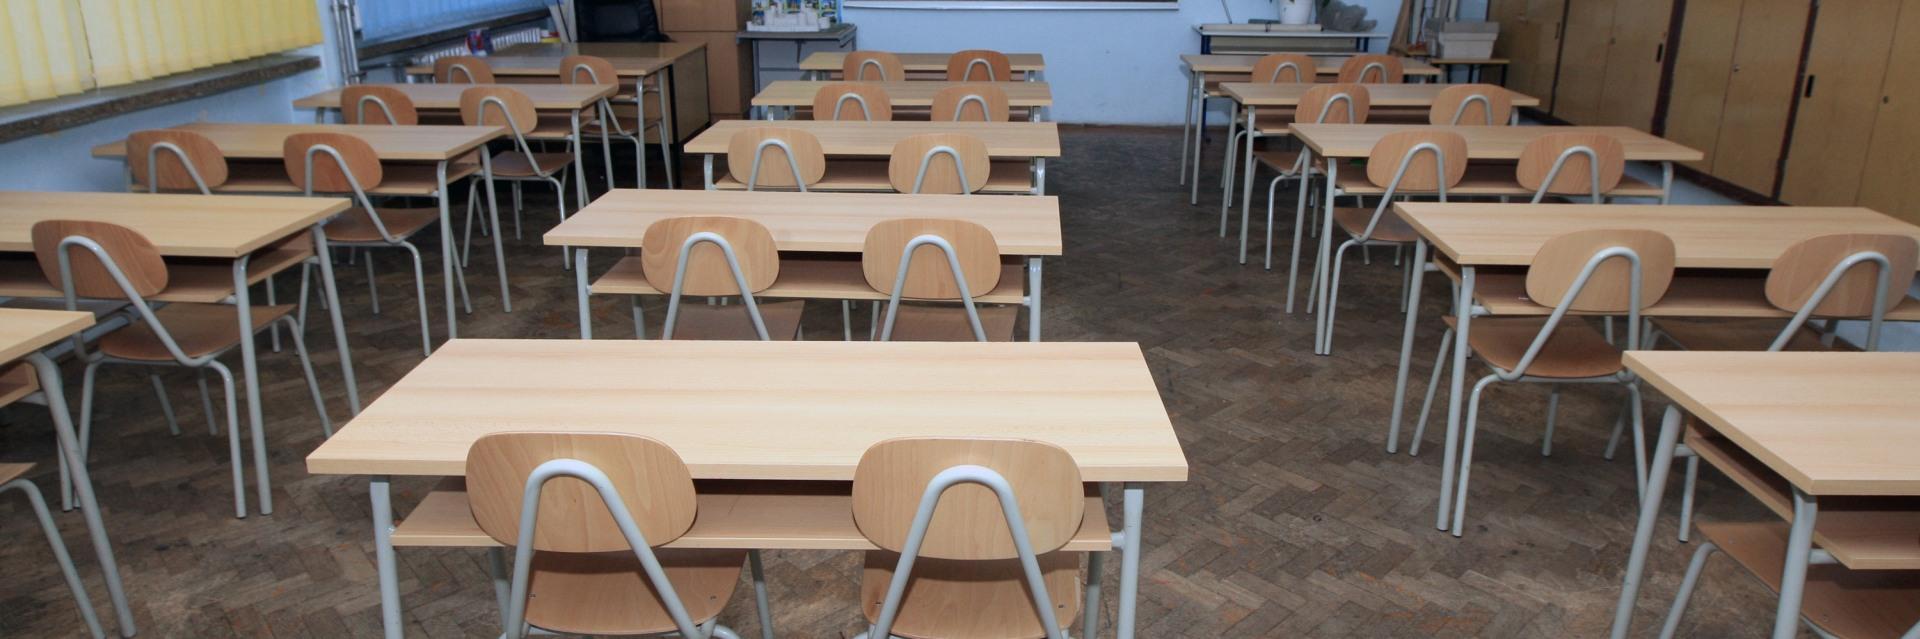 Prekida se i štrajk u srednjim školama, sindikat socijalne skrbi u štrajku solidarnosti